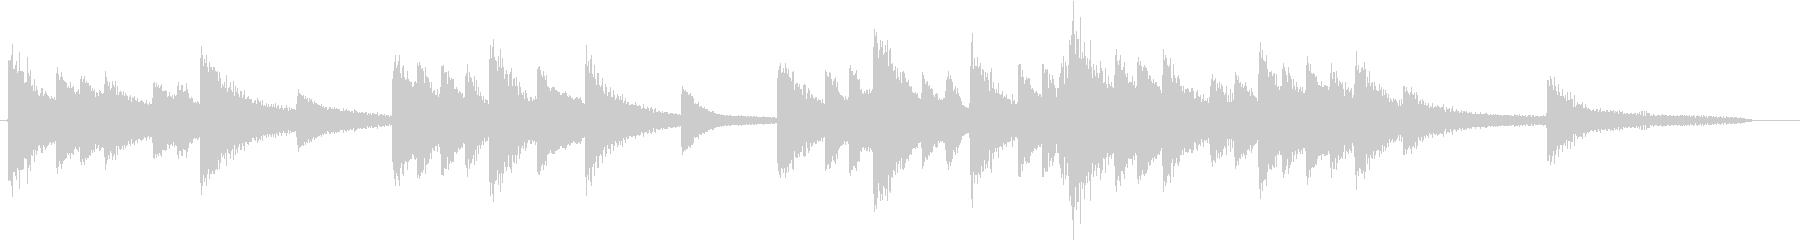 四季より「冬」モチーフのピアノジングルCの未再生の波形